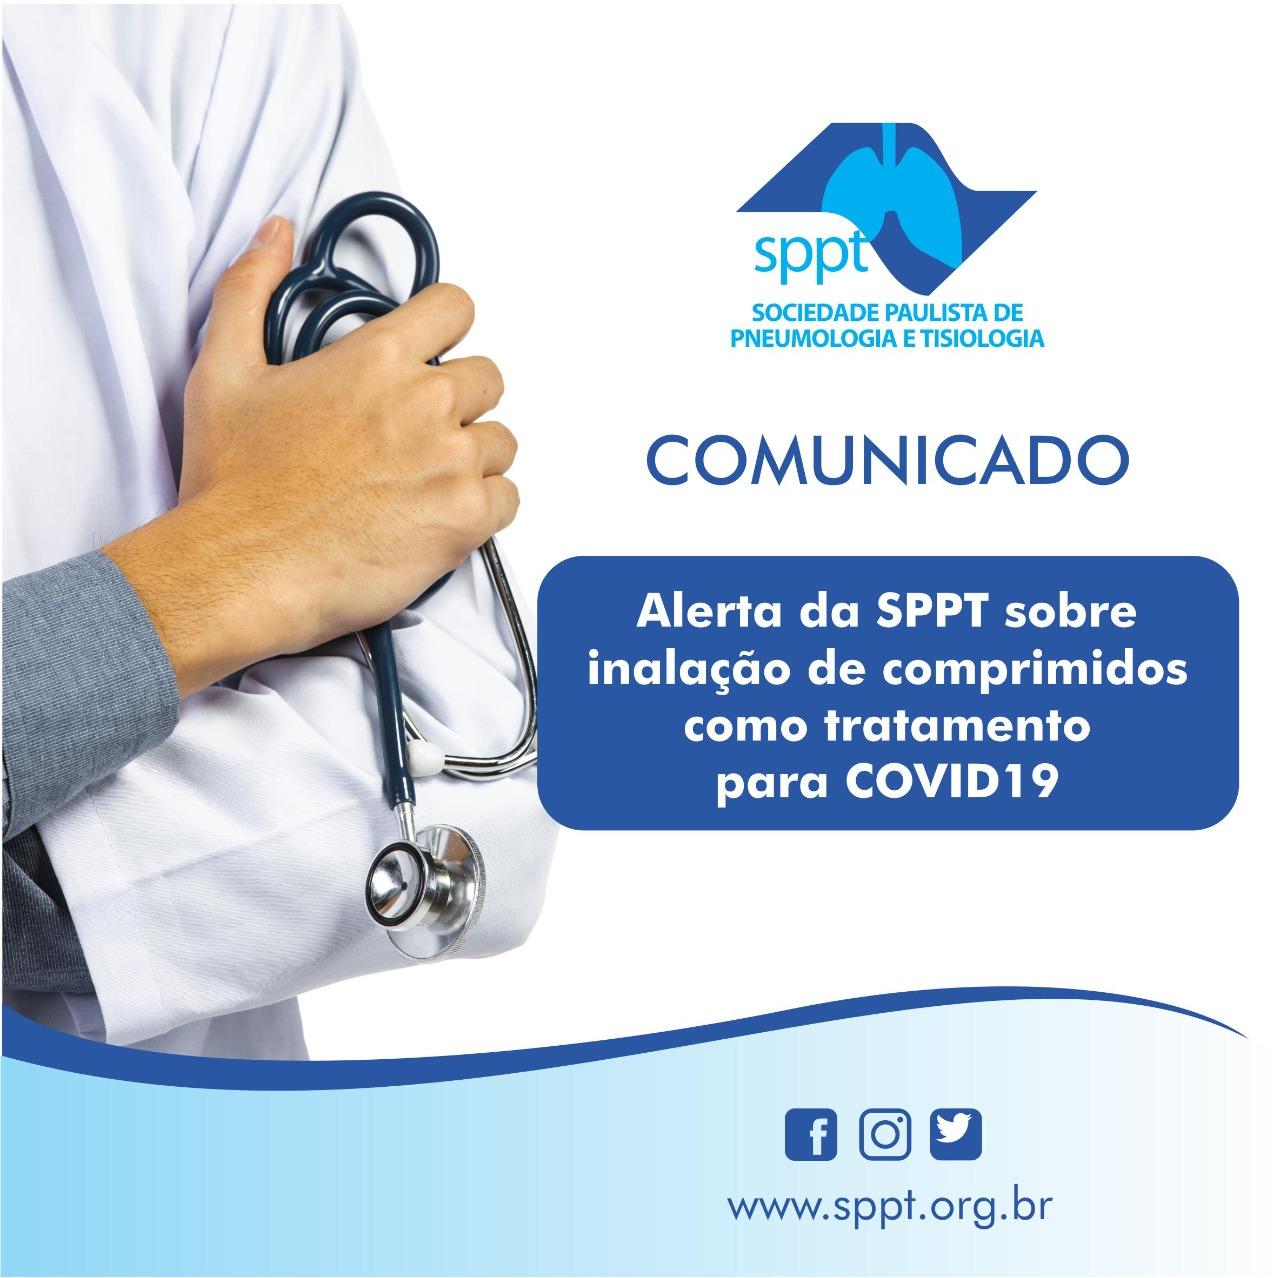 Alerta da SPPT sobre inalação de comprimidos como tratamento para COVID19